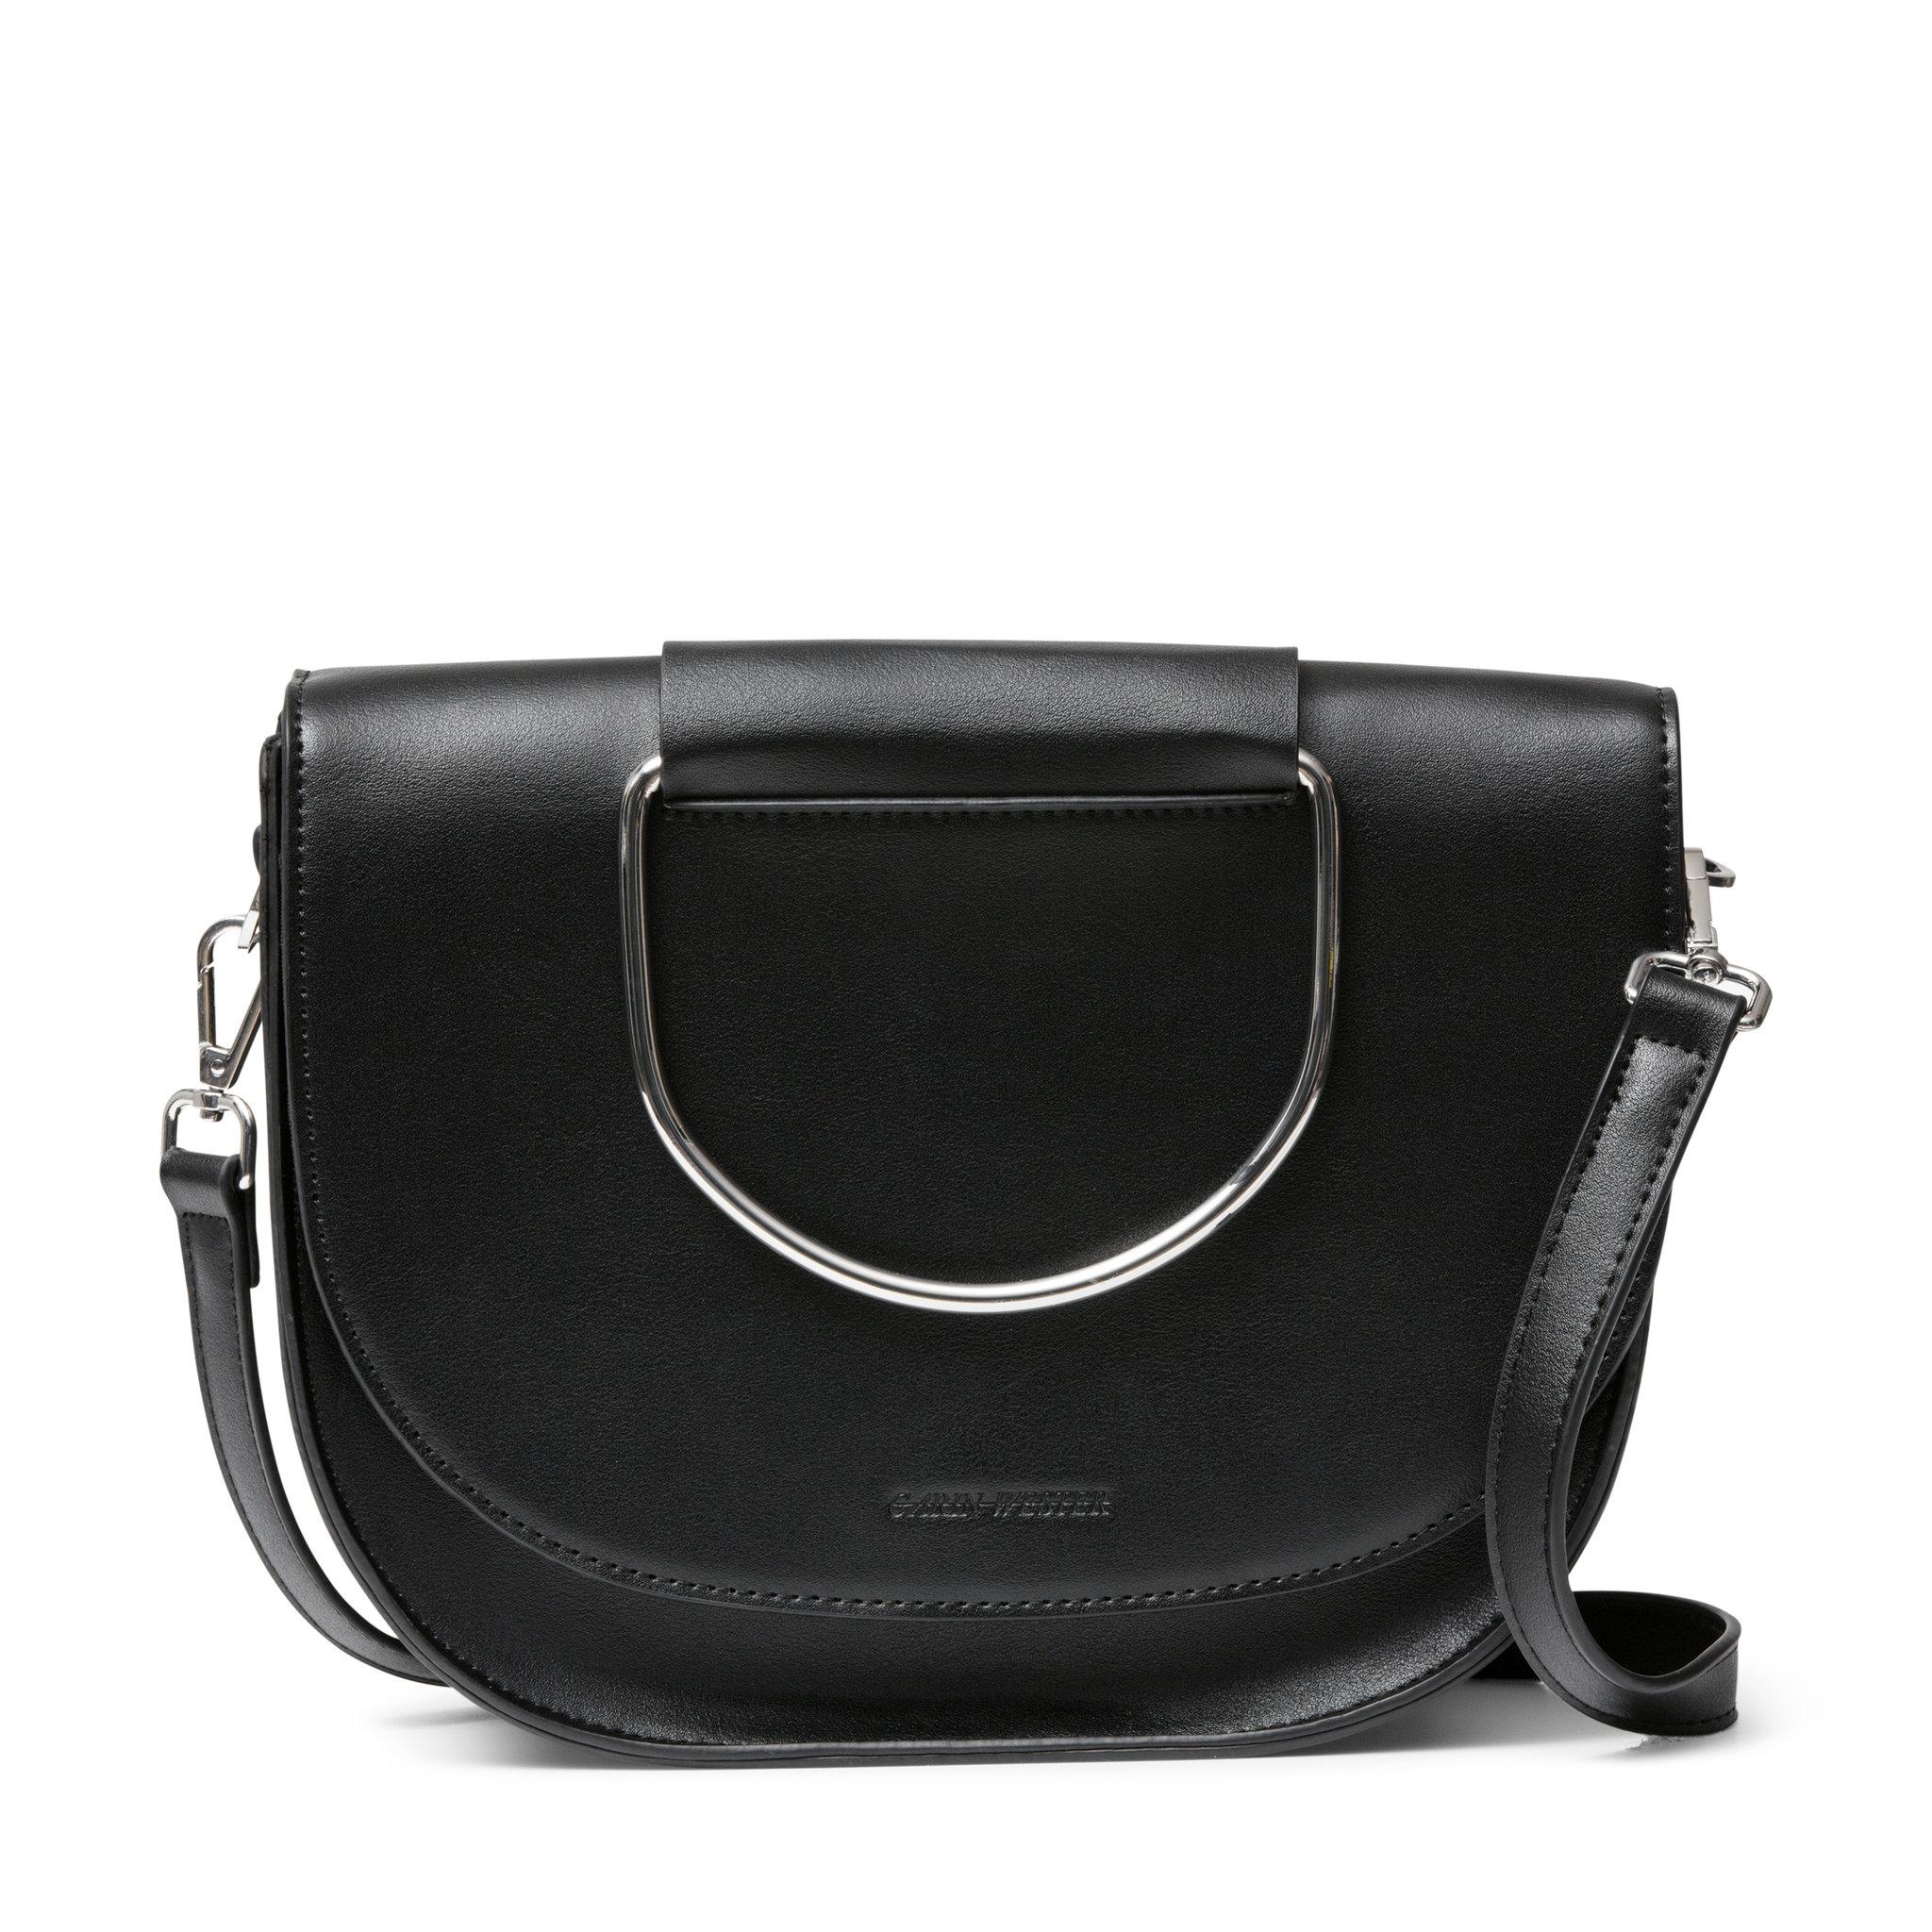 5835592edfdf Handväska Clary - Handväskor - Köp online på åhlens.se!